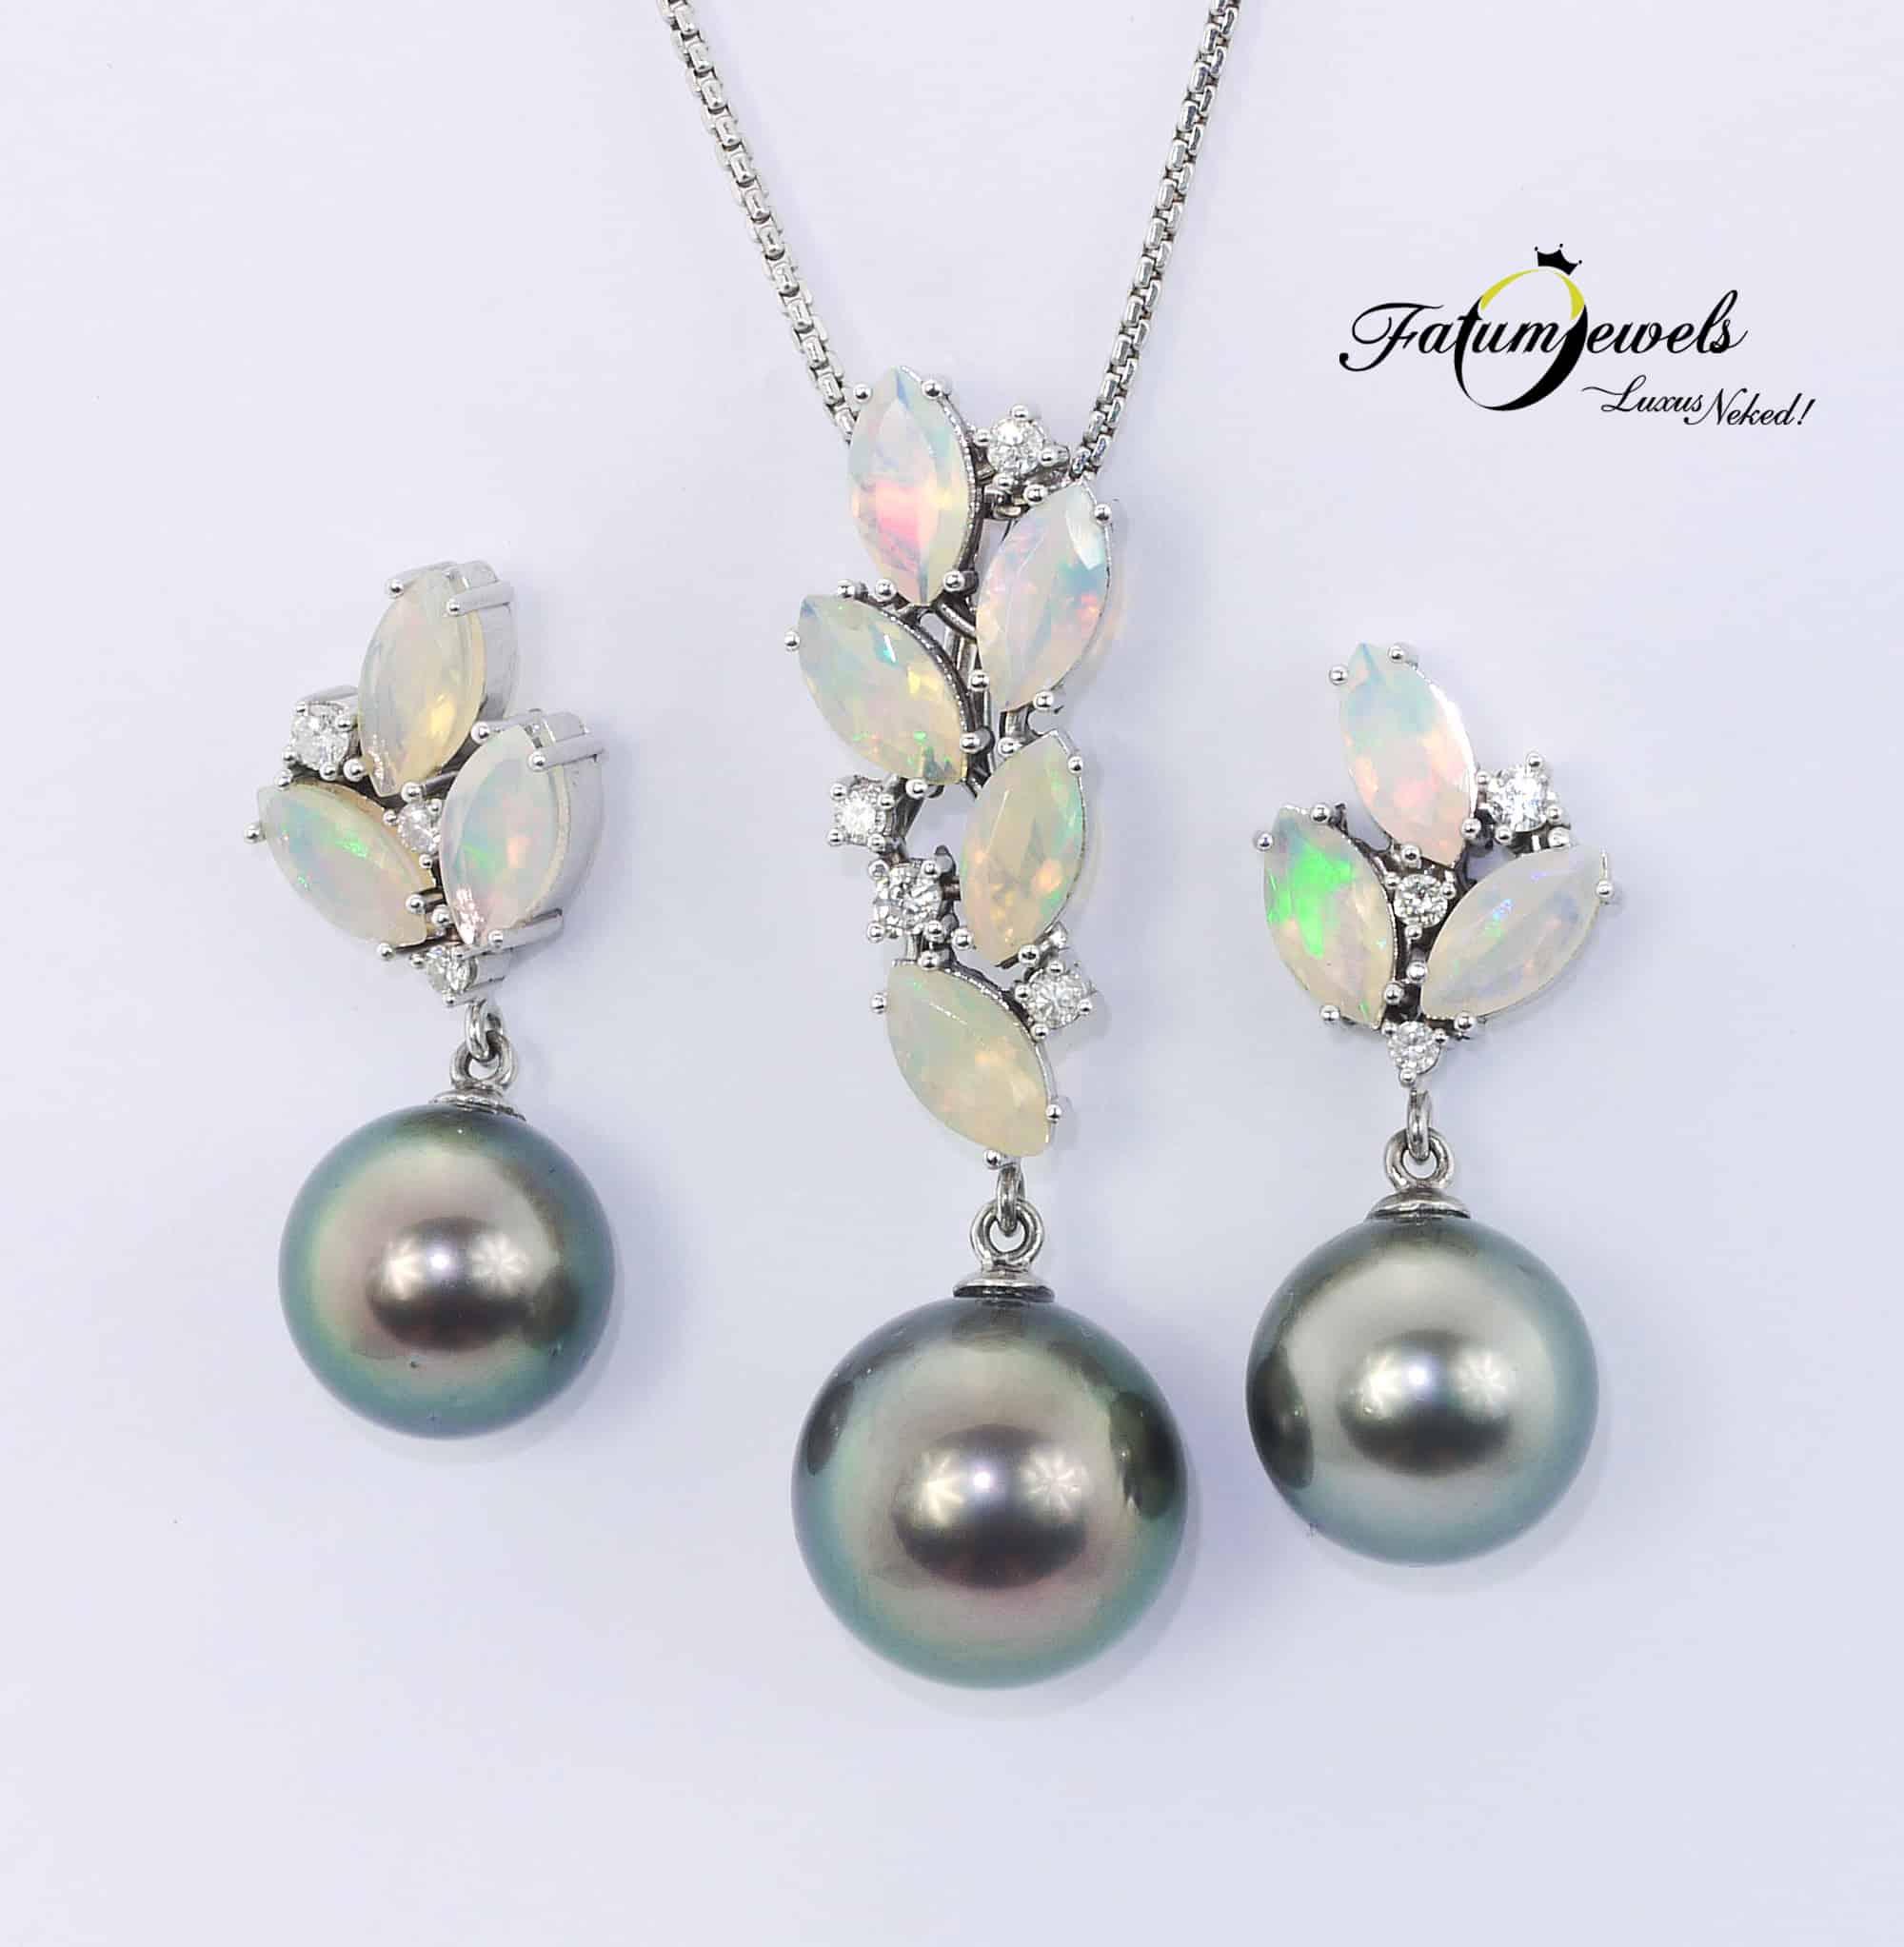 feherarany-opal-gyemant-tahiti-gyongy-szett-fr745-gyemant-h-vs1-si1-0-30ct-opal-3-35ct-tahiti